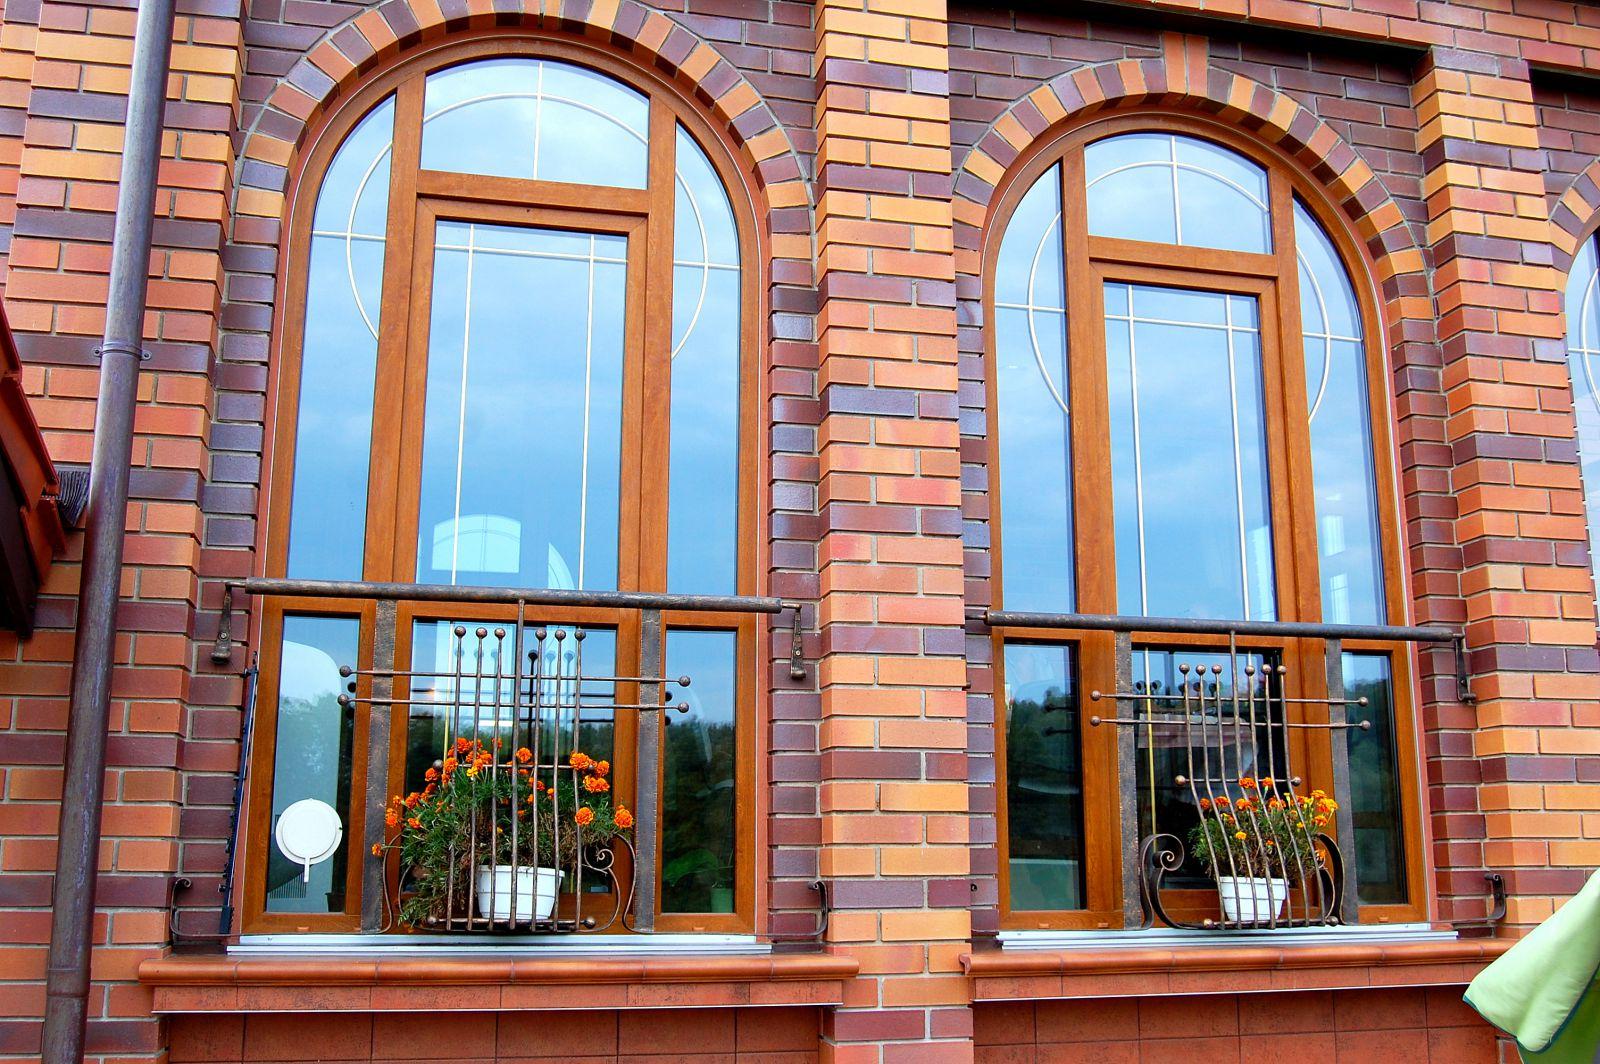 dekorirovanie-okna-zolotymi-shprosami